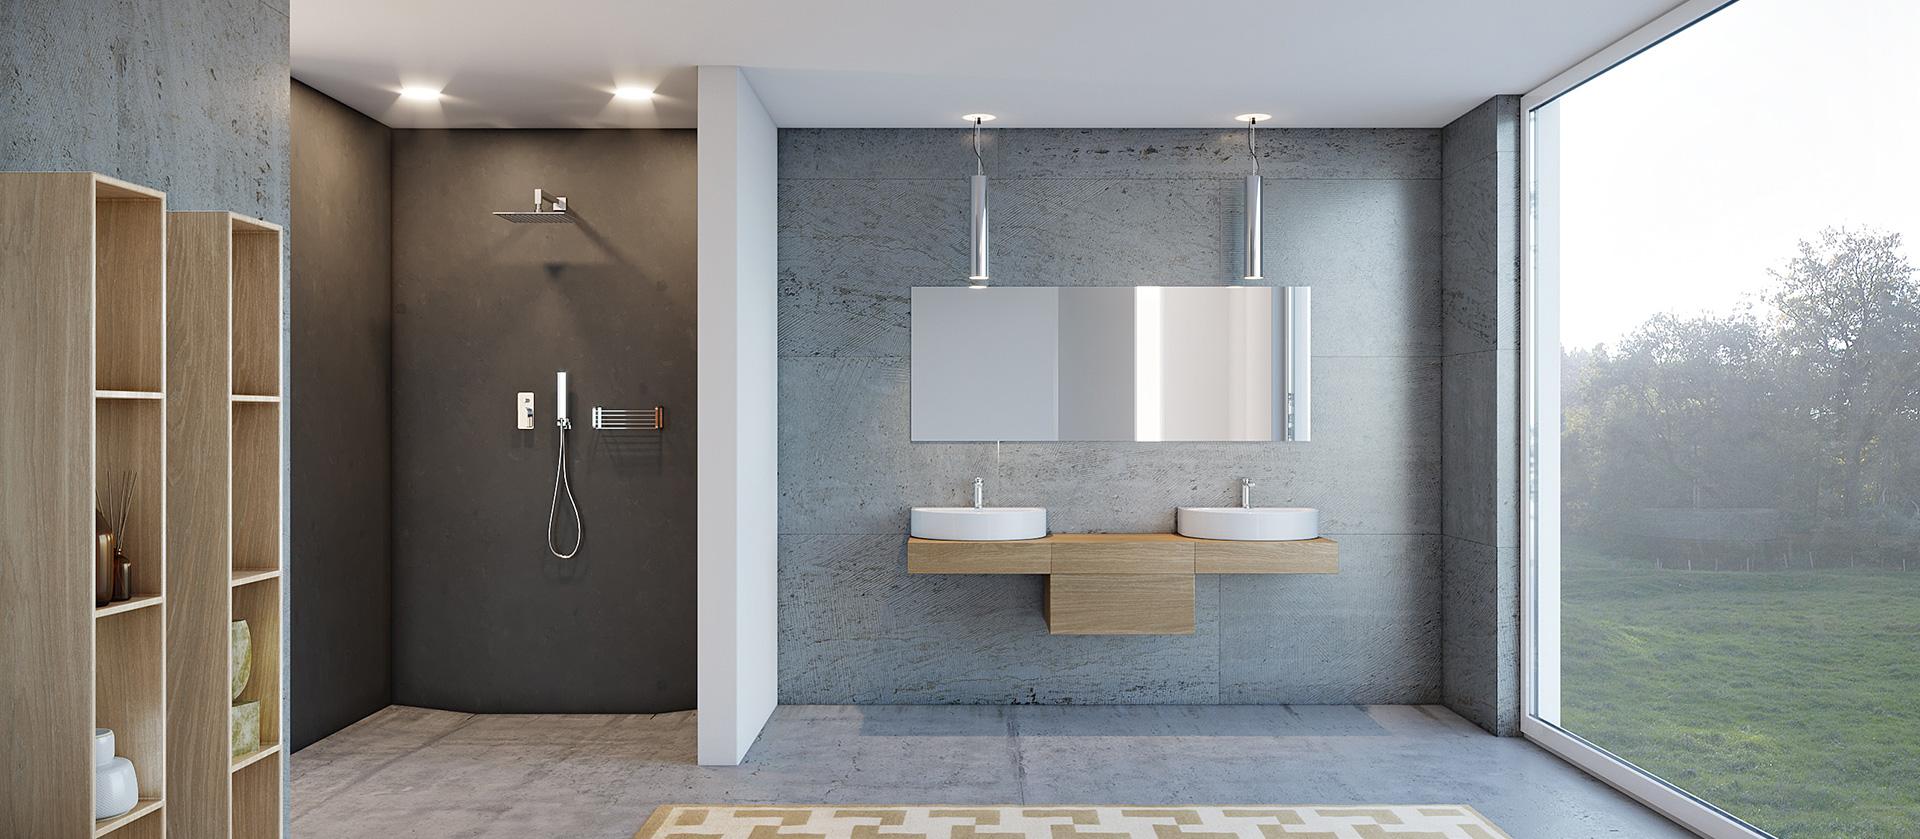 Chris Bergen - Der Online-Shop für ein schickes Badezimmer